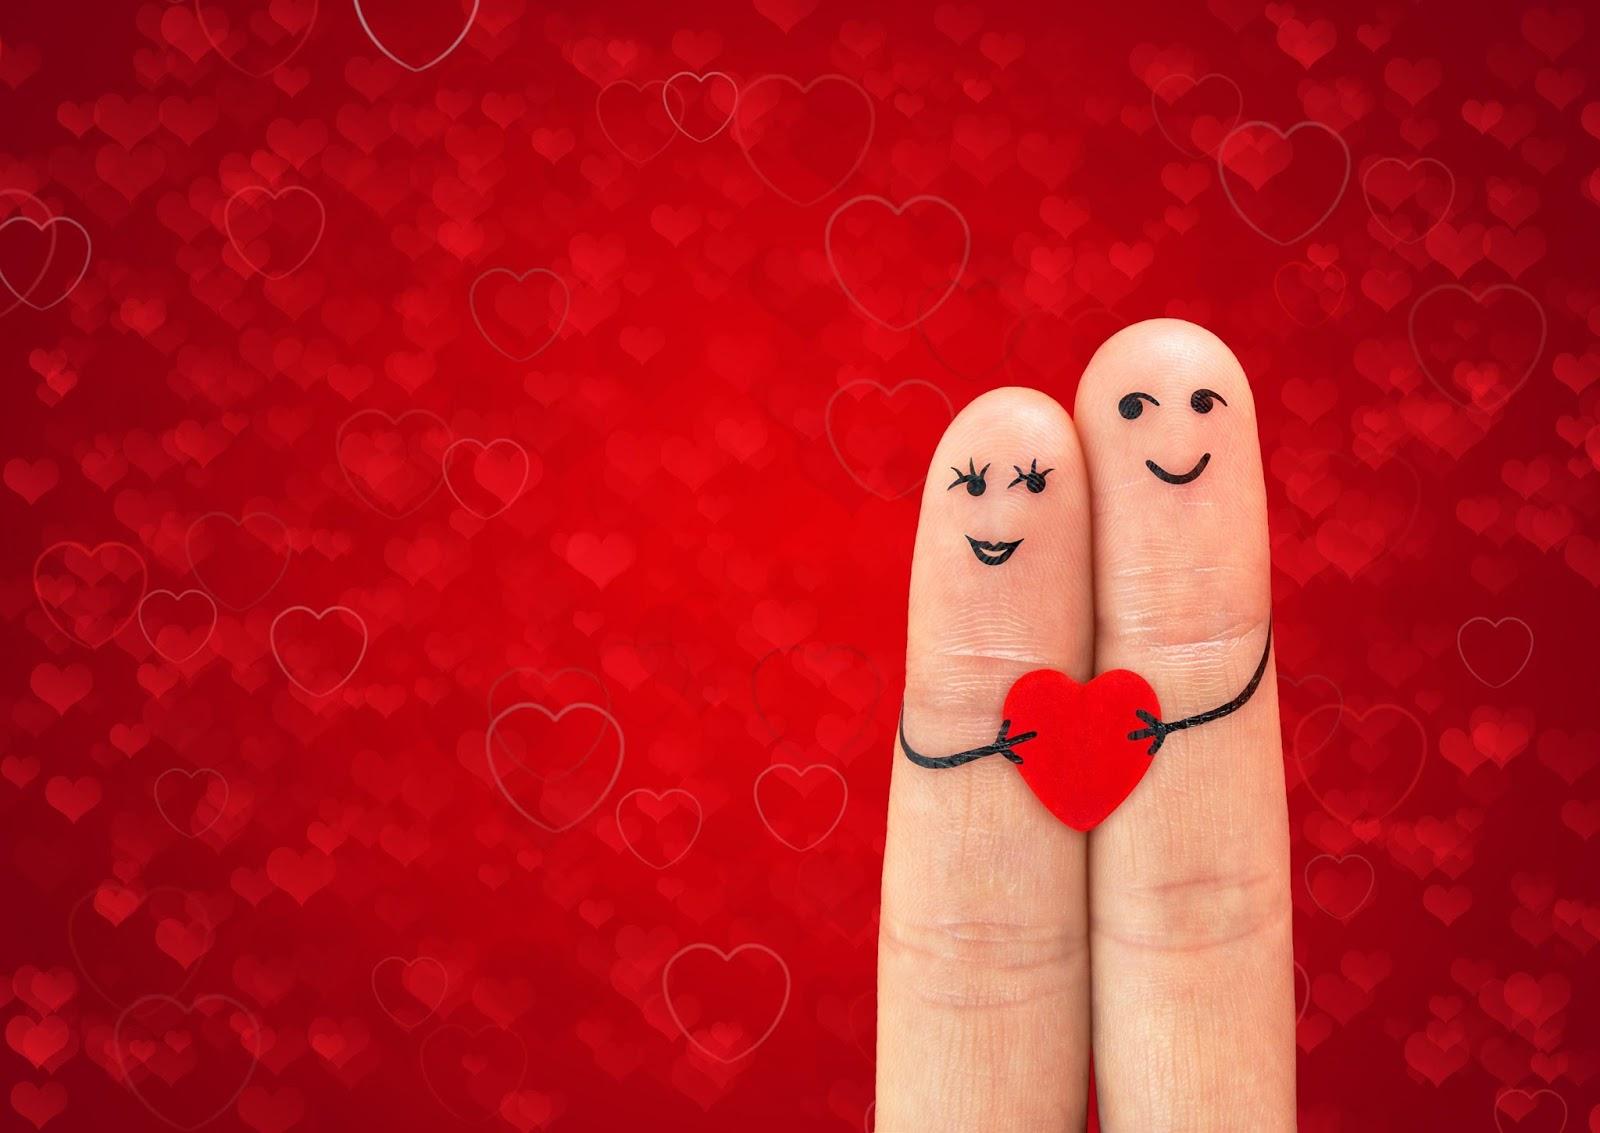 7 ingredientes que fazem um casamento feliz